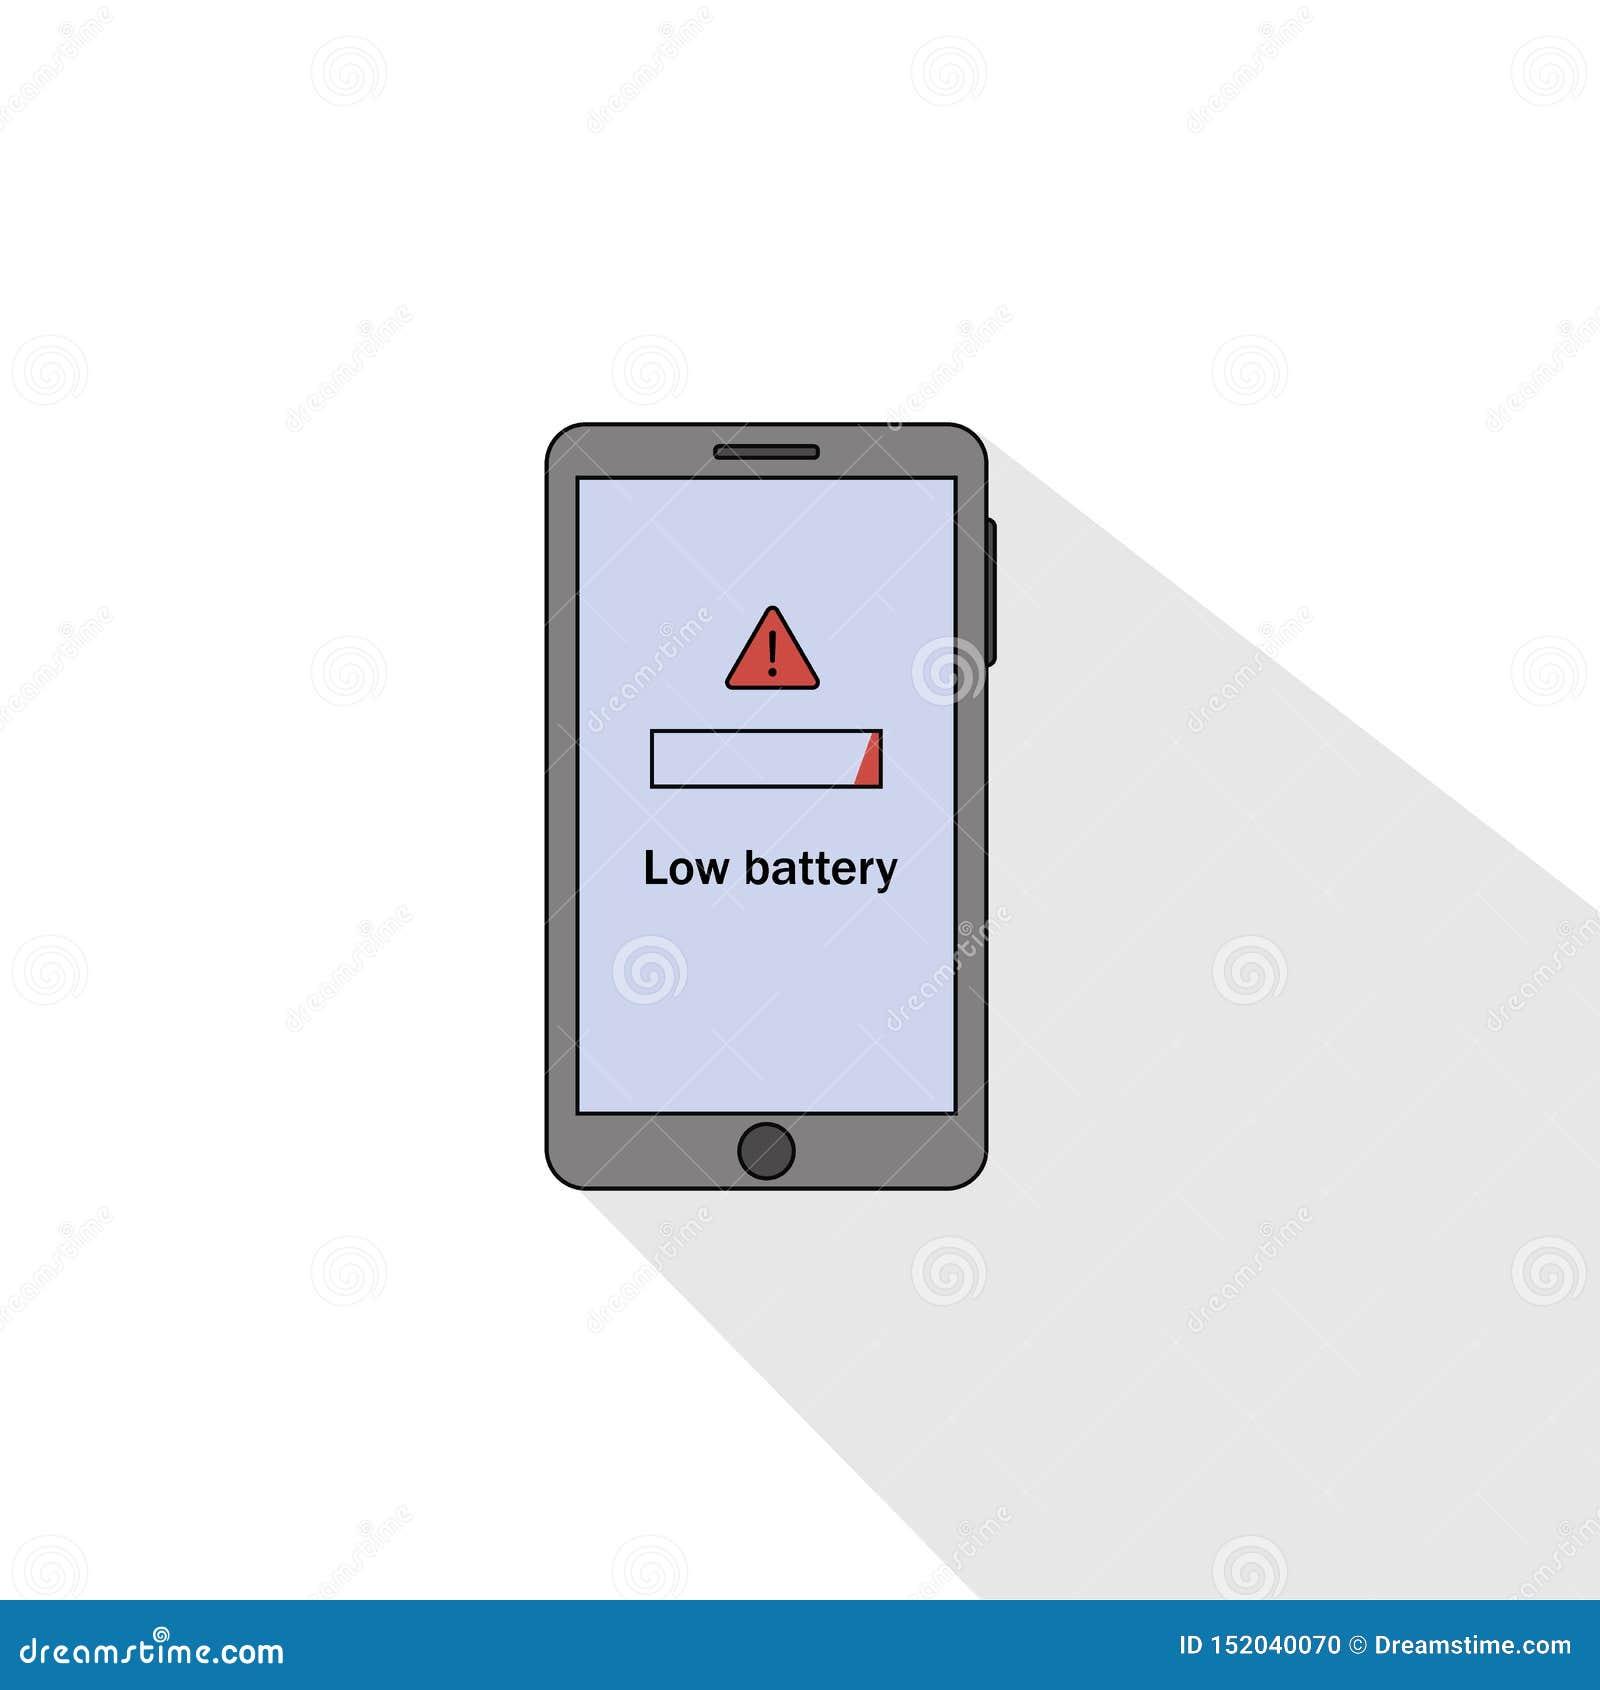 Lage de batterij vlakke stijl van Smartphone Vector illustratie